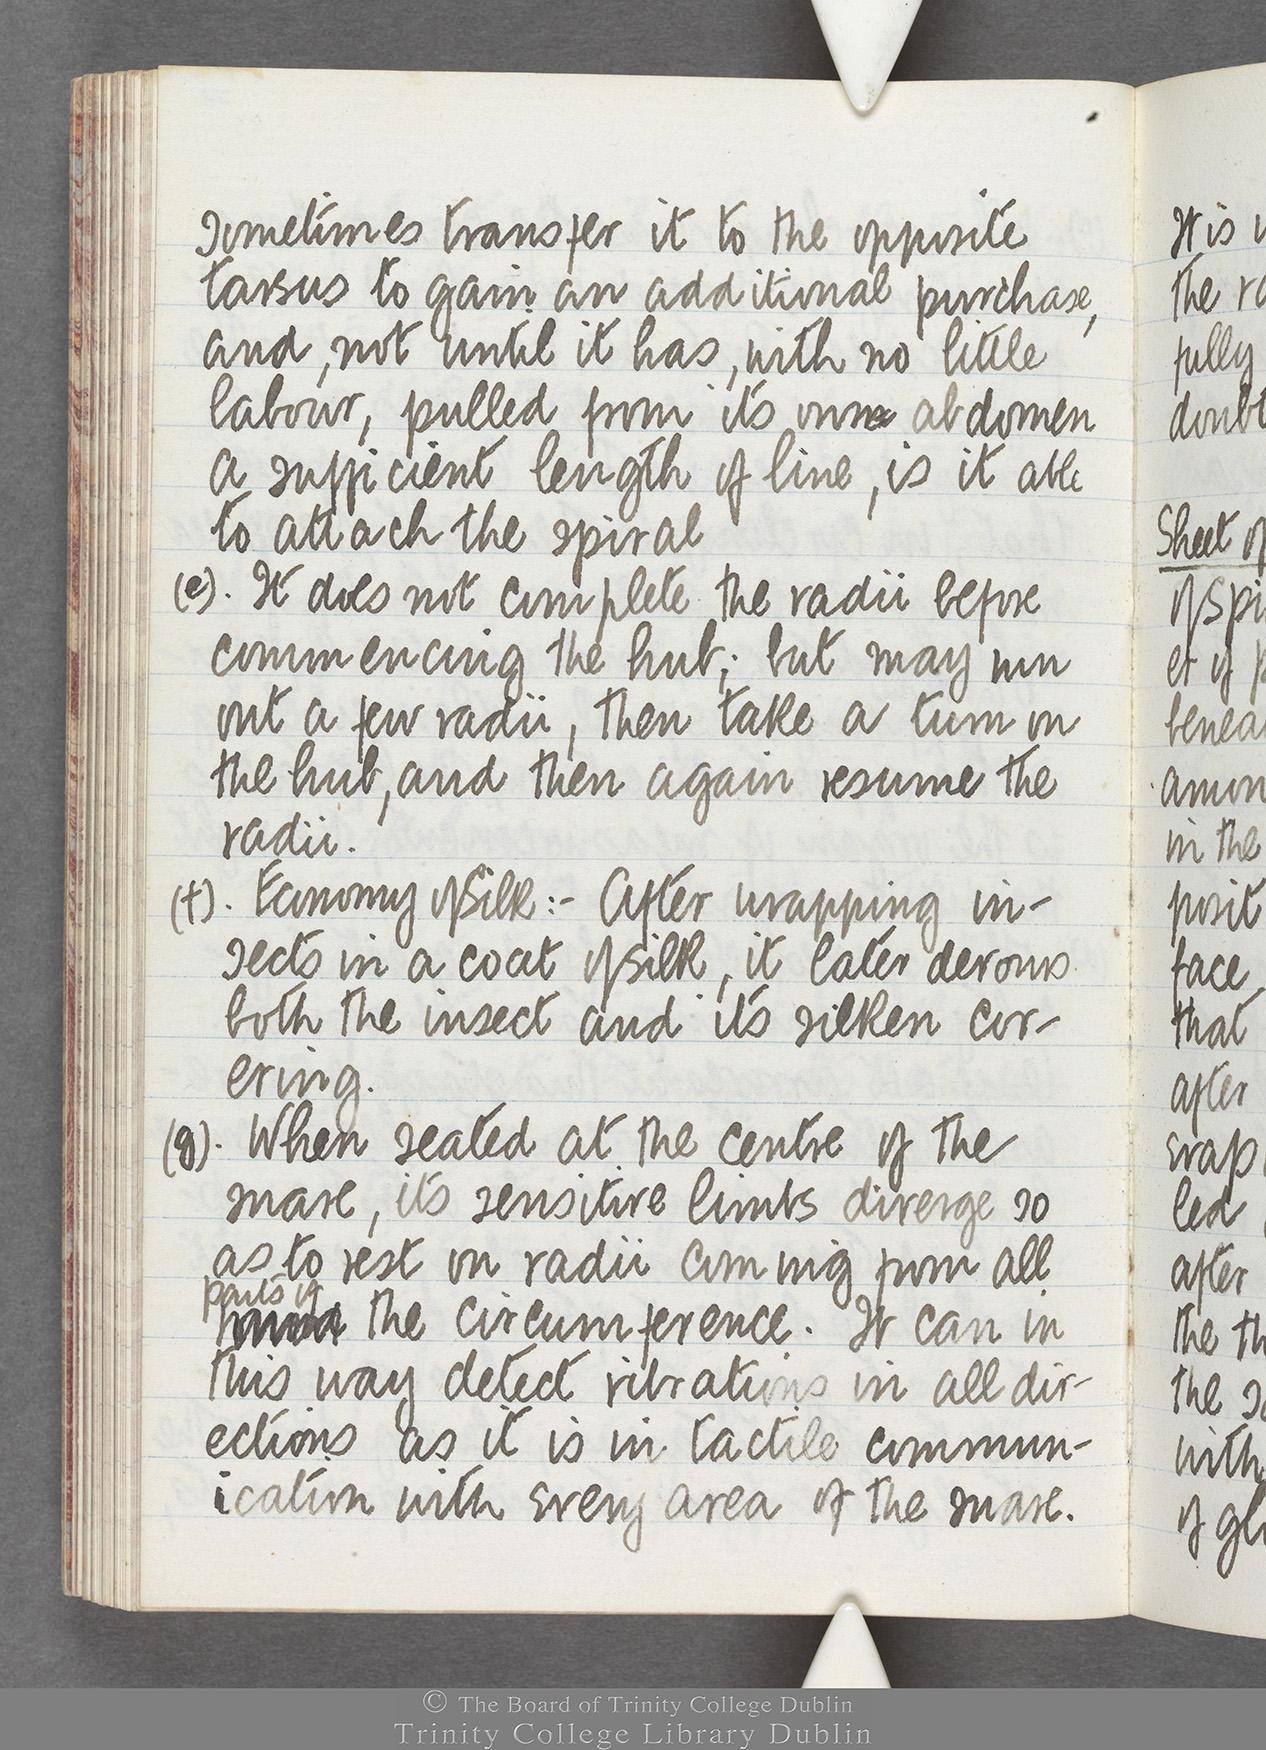 TCD MS 10516 folio 77 verso